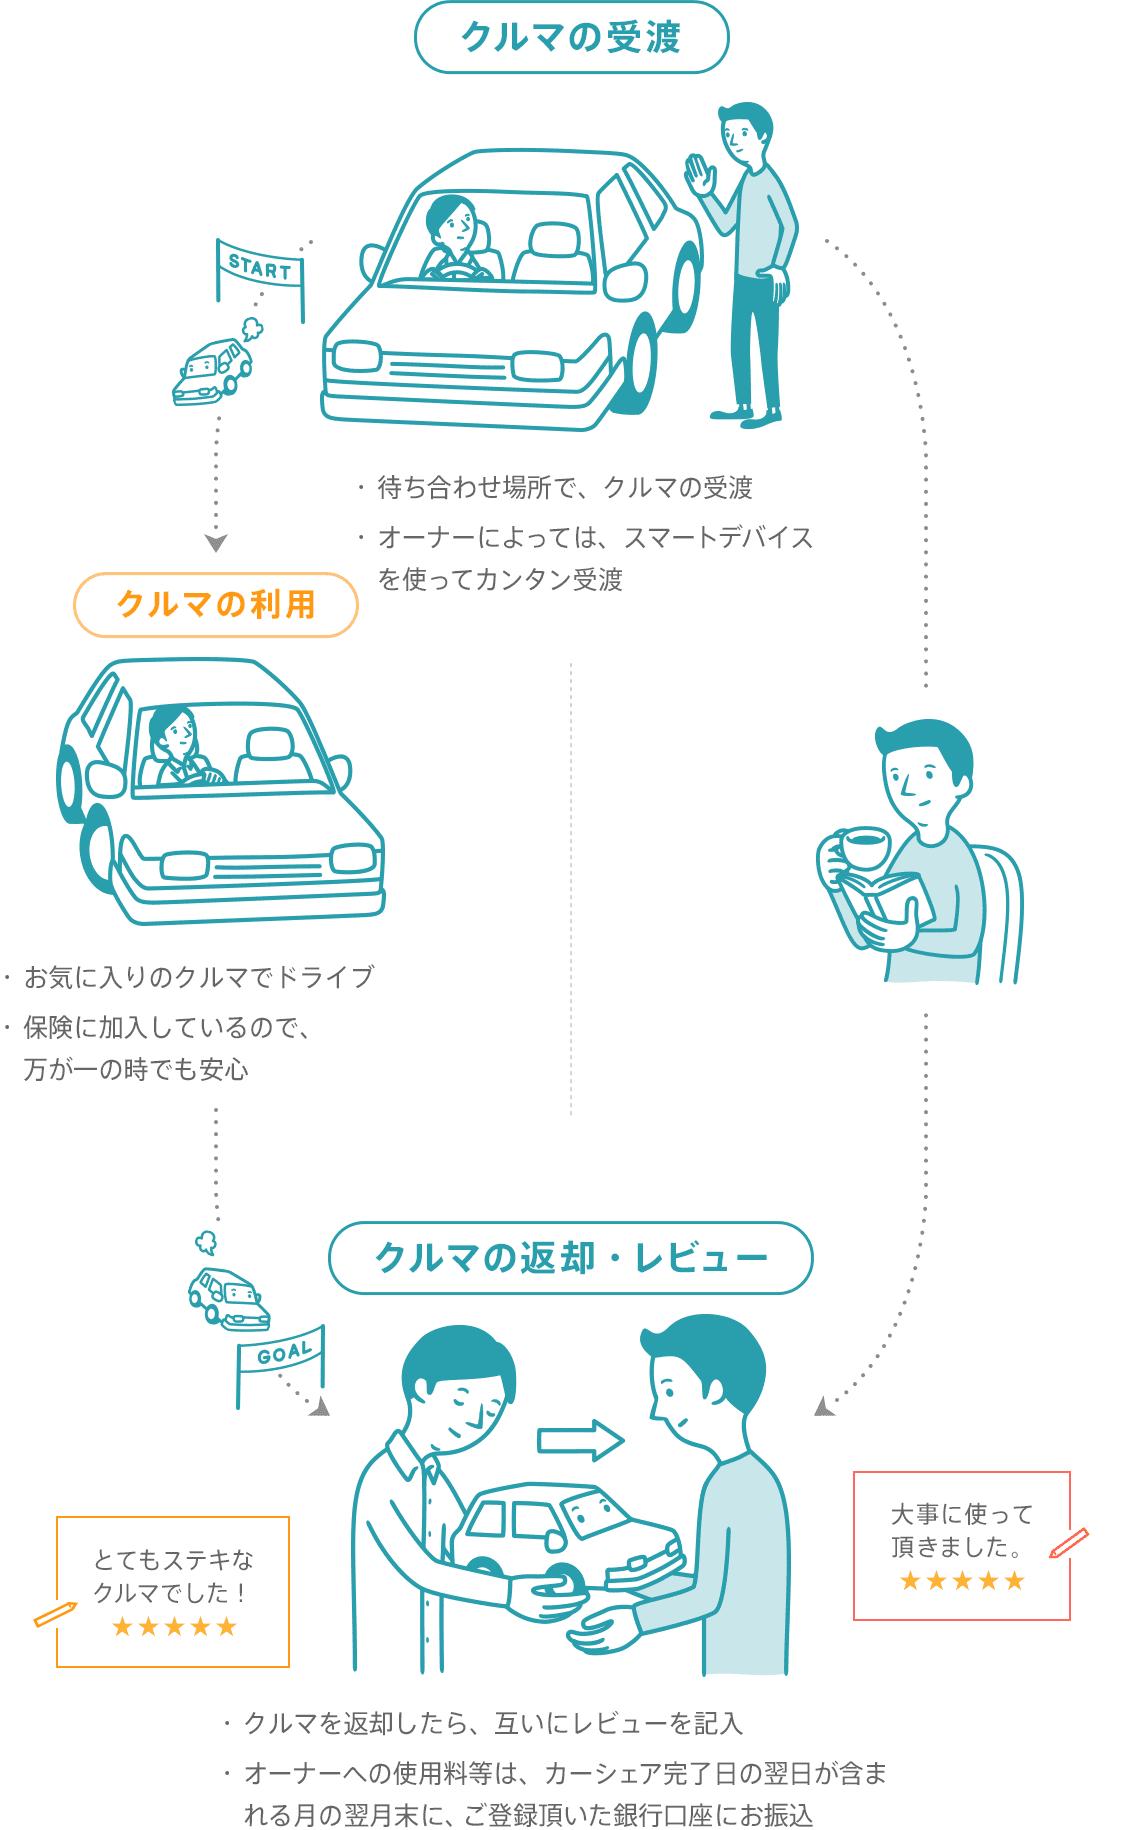 [クルマの受渡]・待ち合わせ場所でクルマの受渡→[クルマの利用]・お気に入りのクルマでドライブ・保険に加入しているので、万が一の時でも安心→[クルマの返却・レビュー]・クルマを返却したらレビューを記入